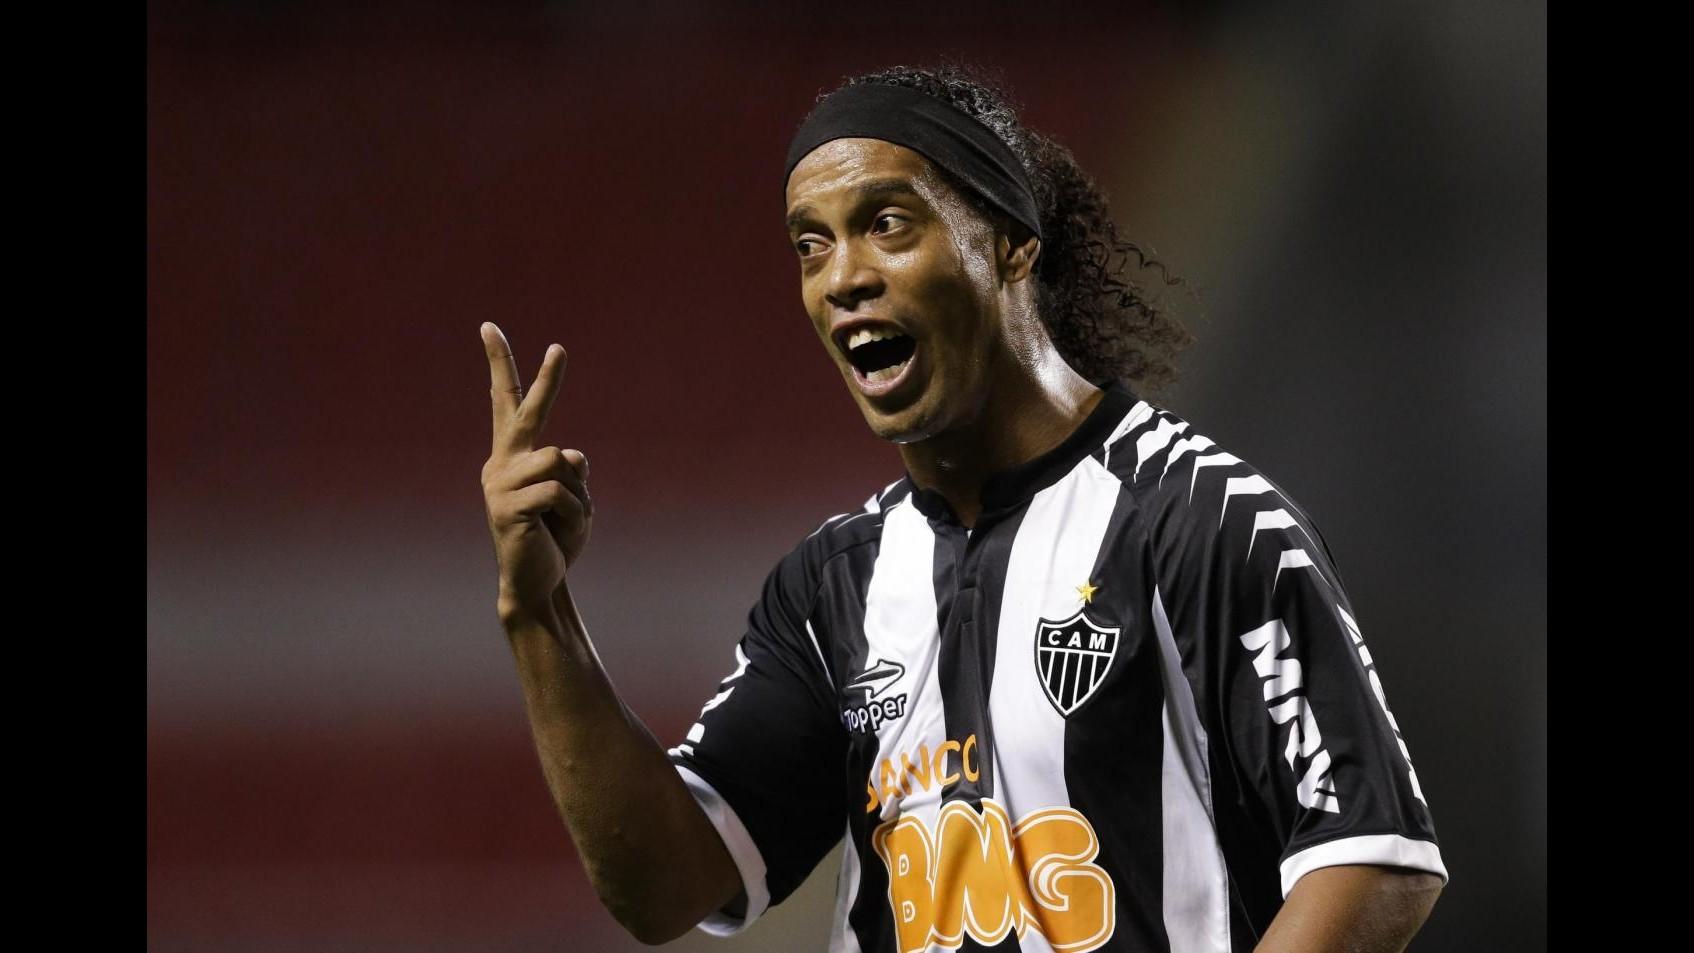 Coppa Libertadores, Ronaldinho trascina l'Atletico Mineiro. Boca Jr ko